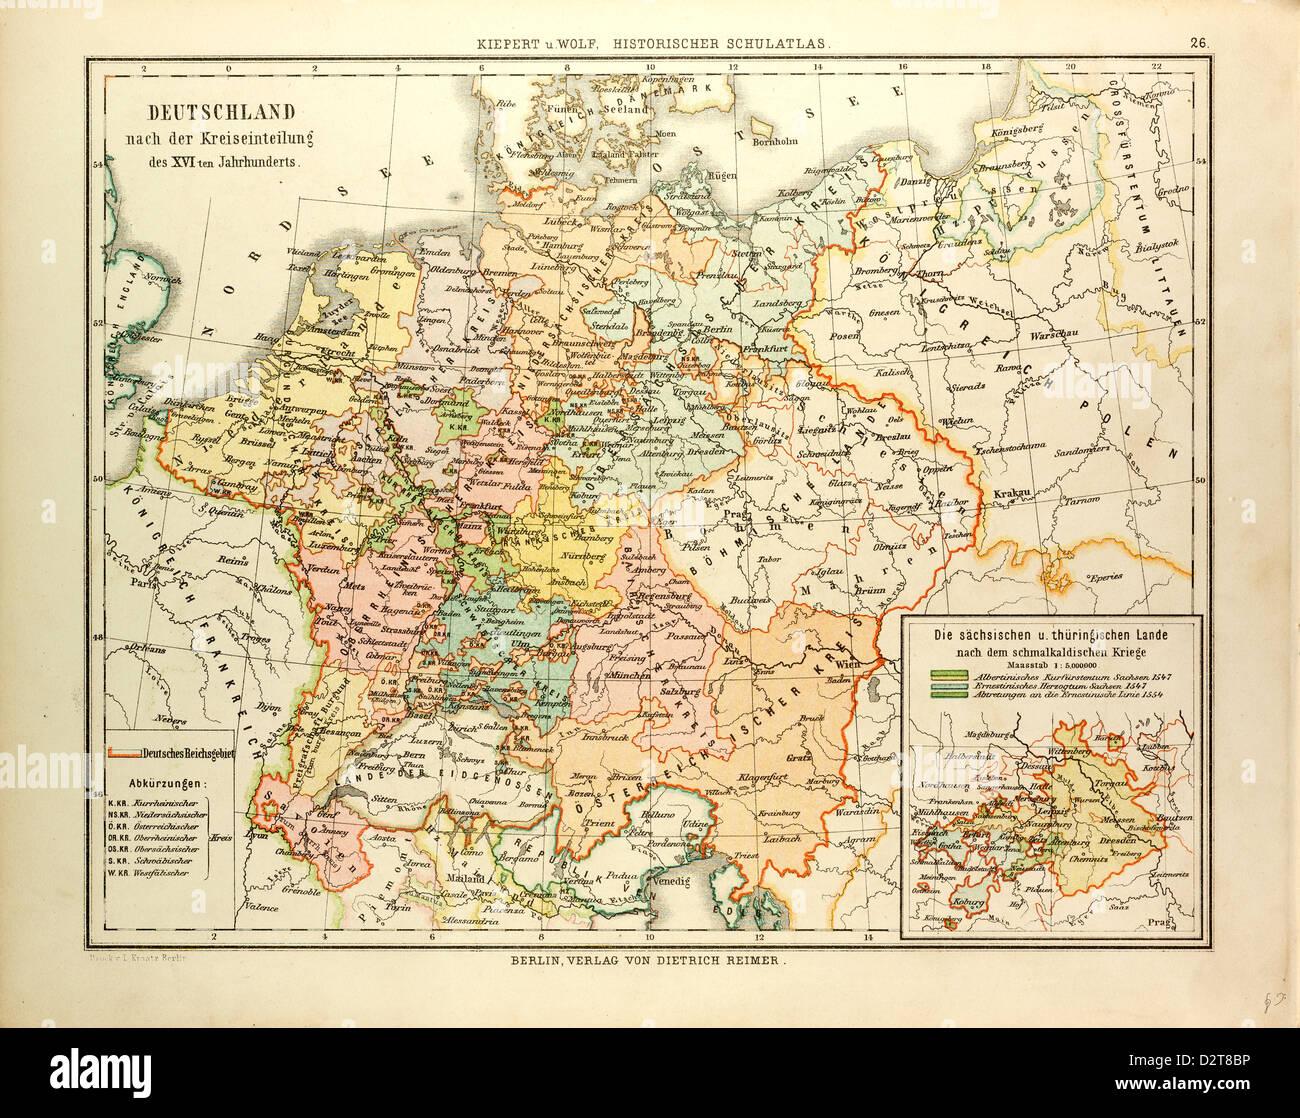 Carte de l'ALLEMAGNE AU 16ème siècle Photo Stock